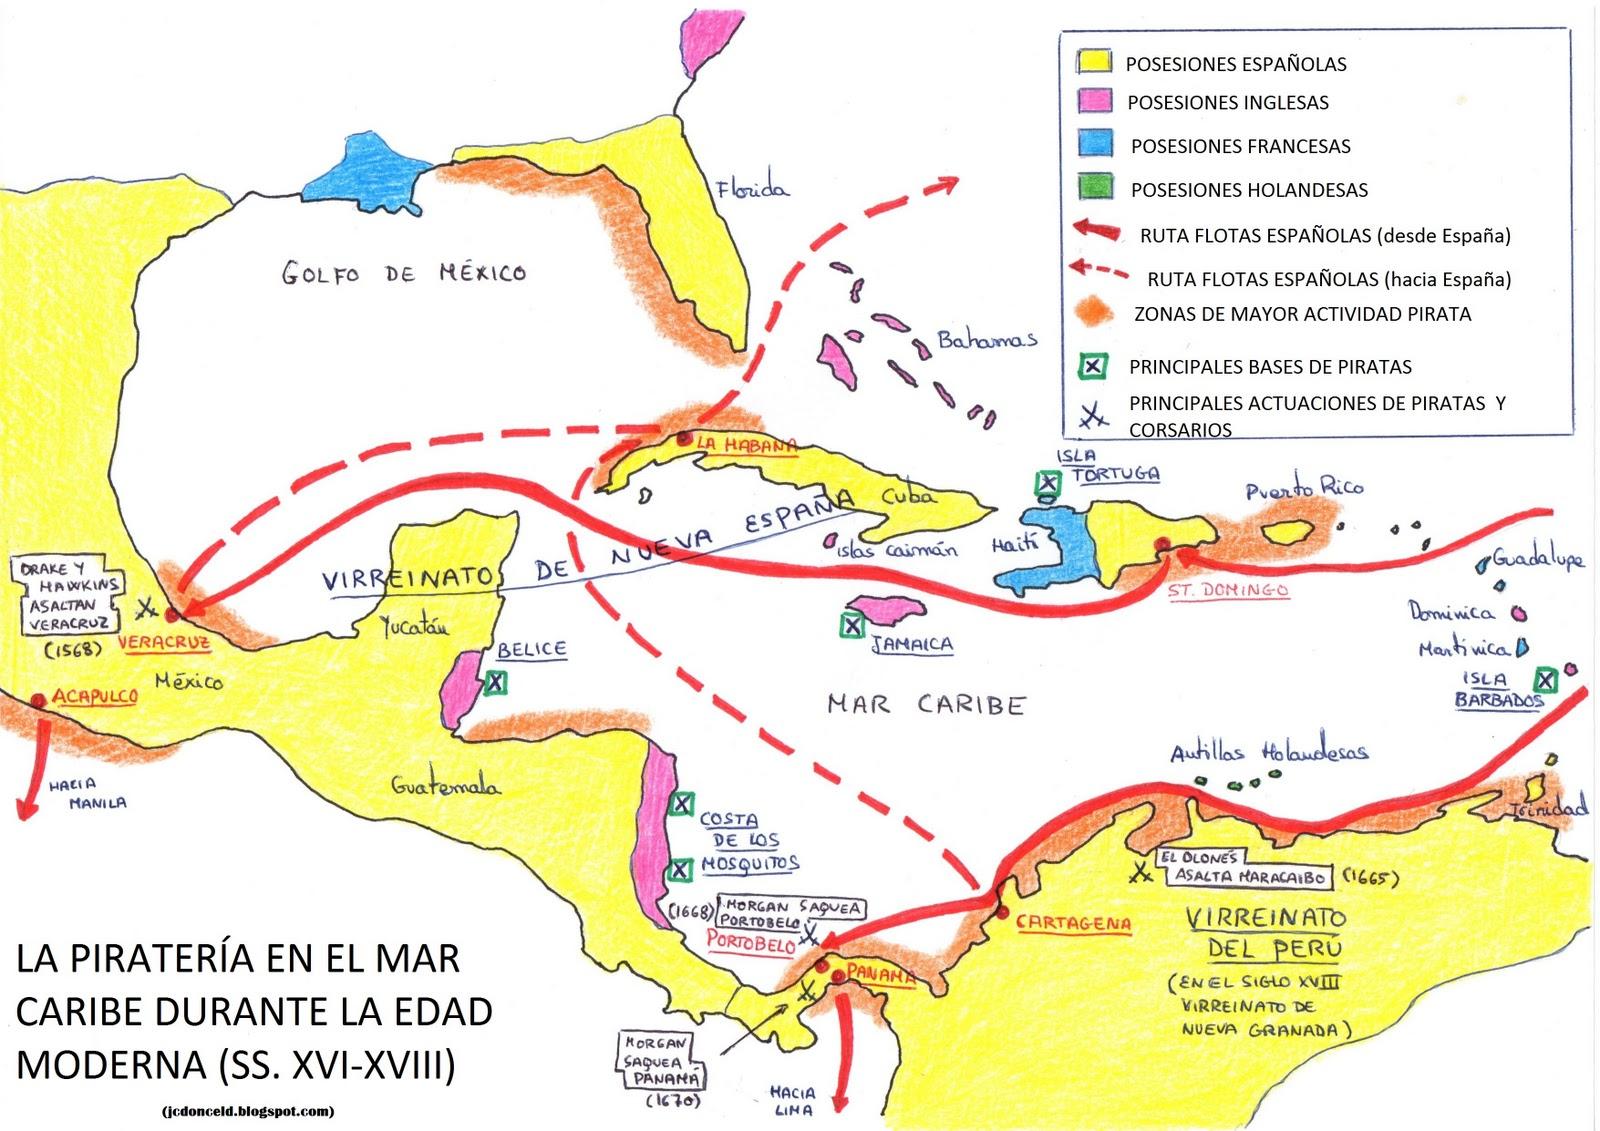 Historia 21 La Piratera en el Mar Caribe y en el Atlntico